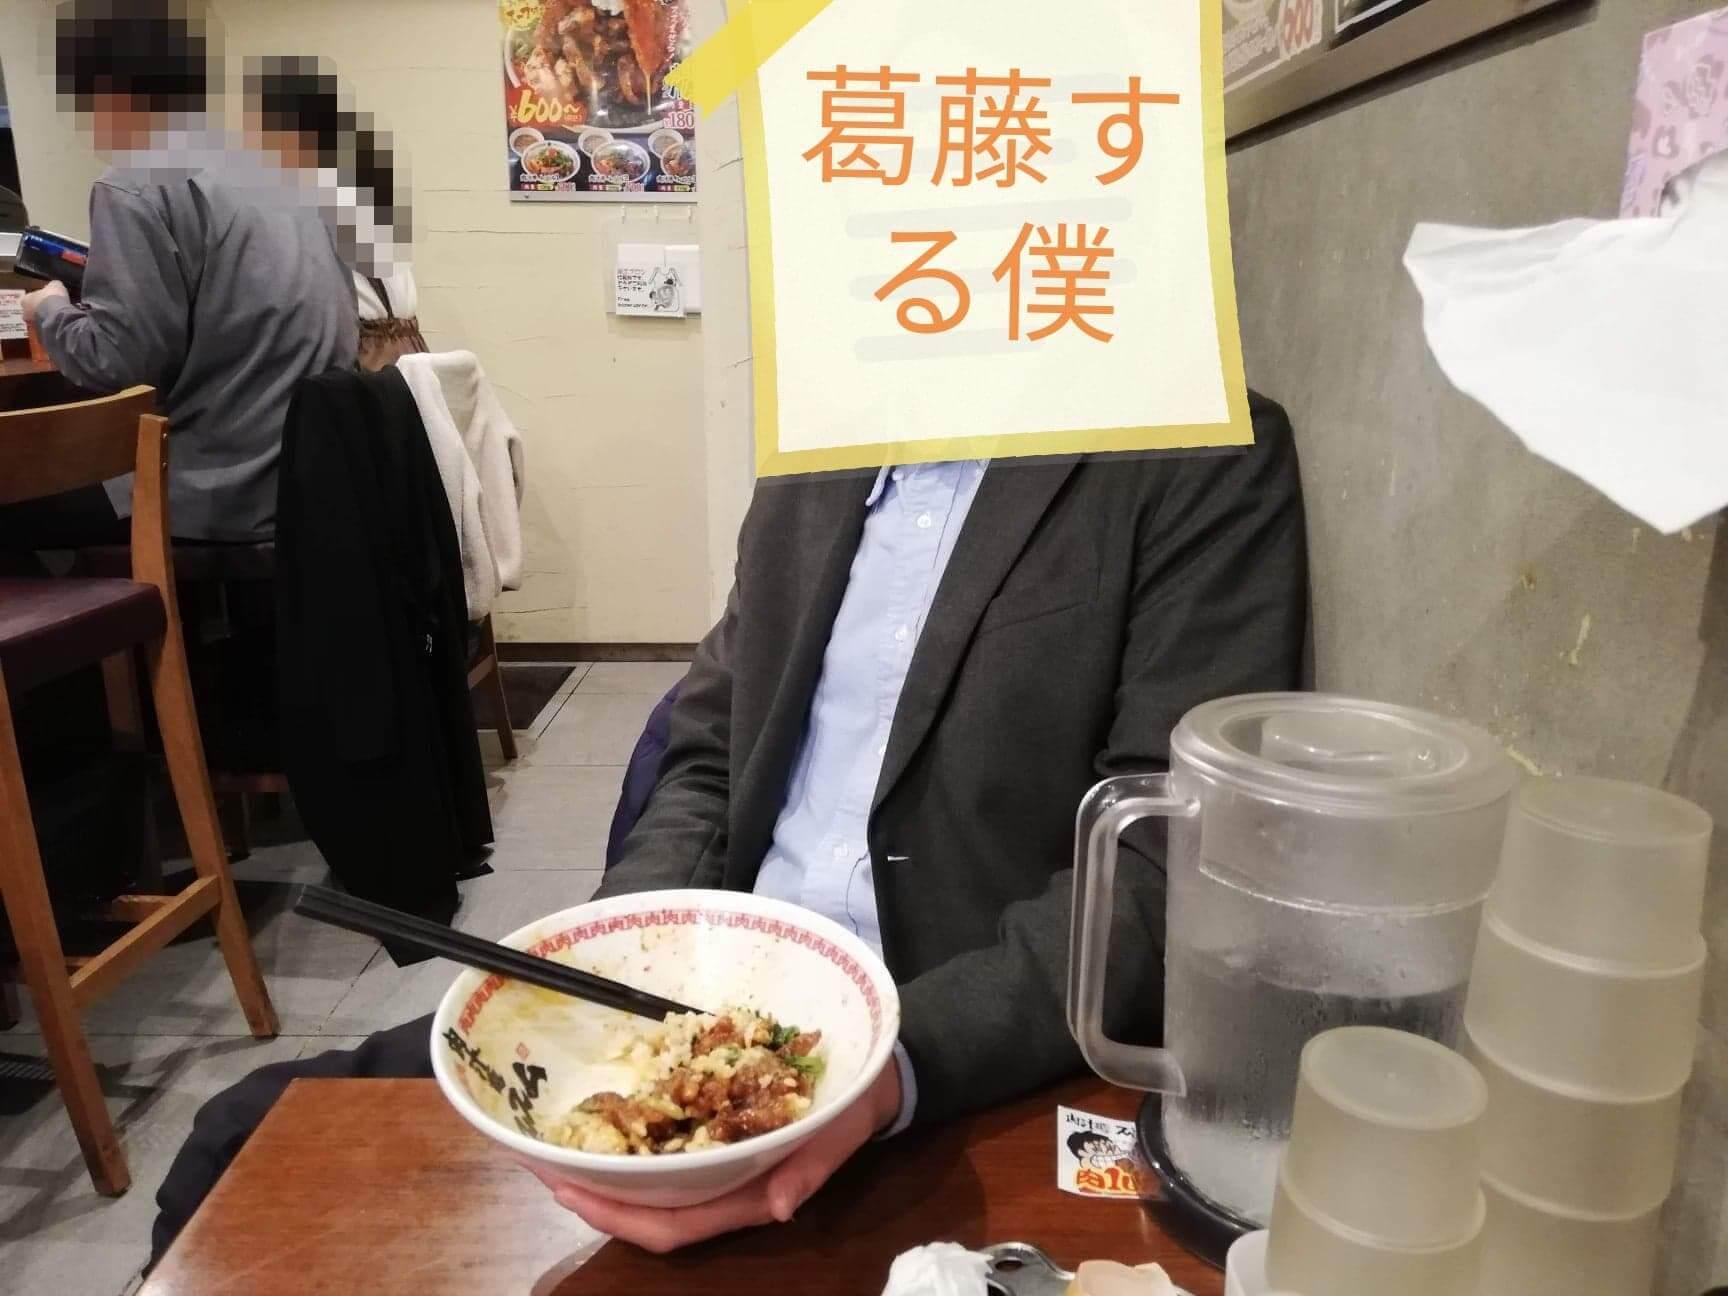 高田馬場『肉汁麺ススム』の肉汁丼の器を持つ男性の写真